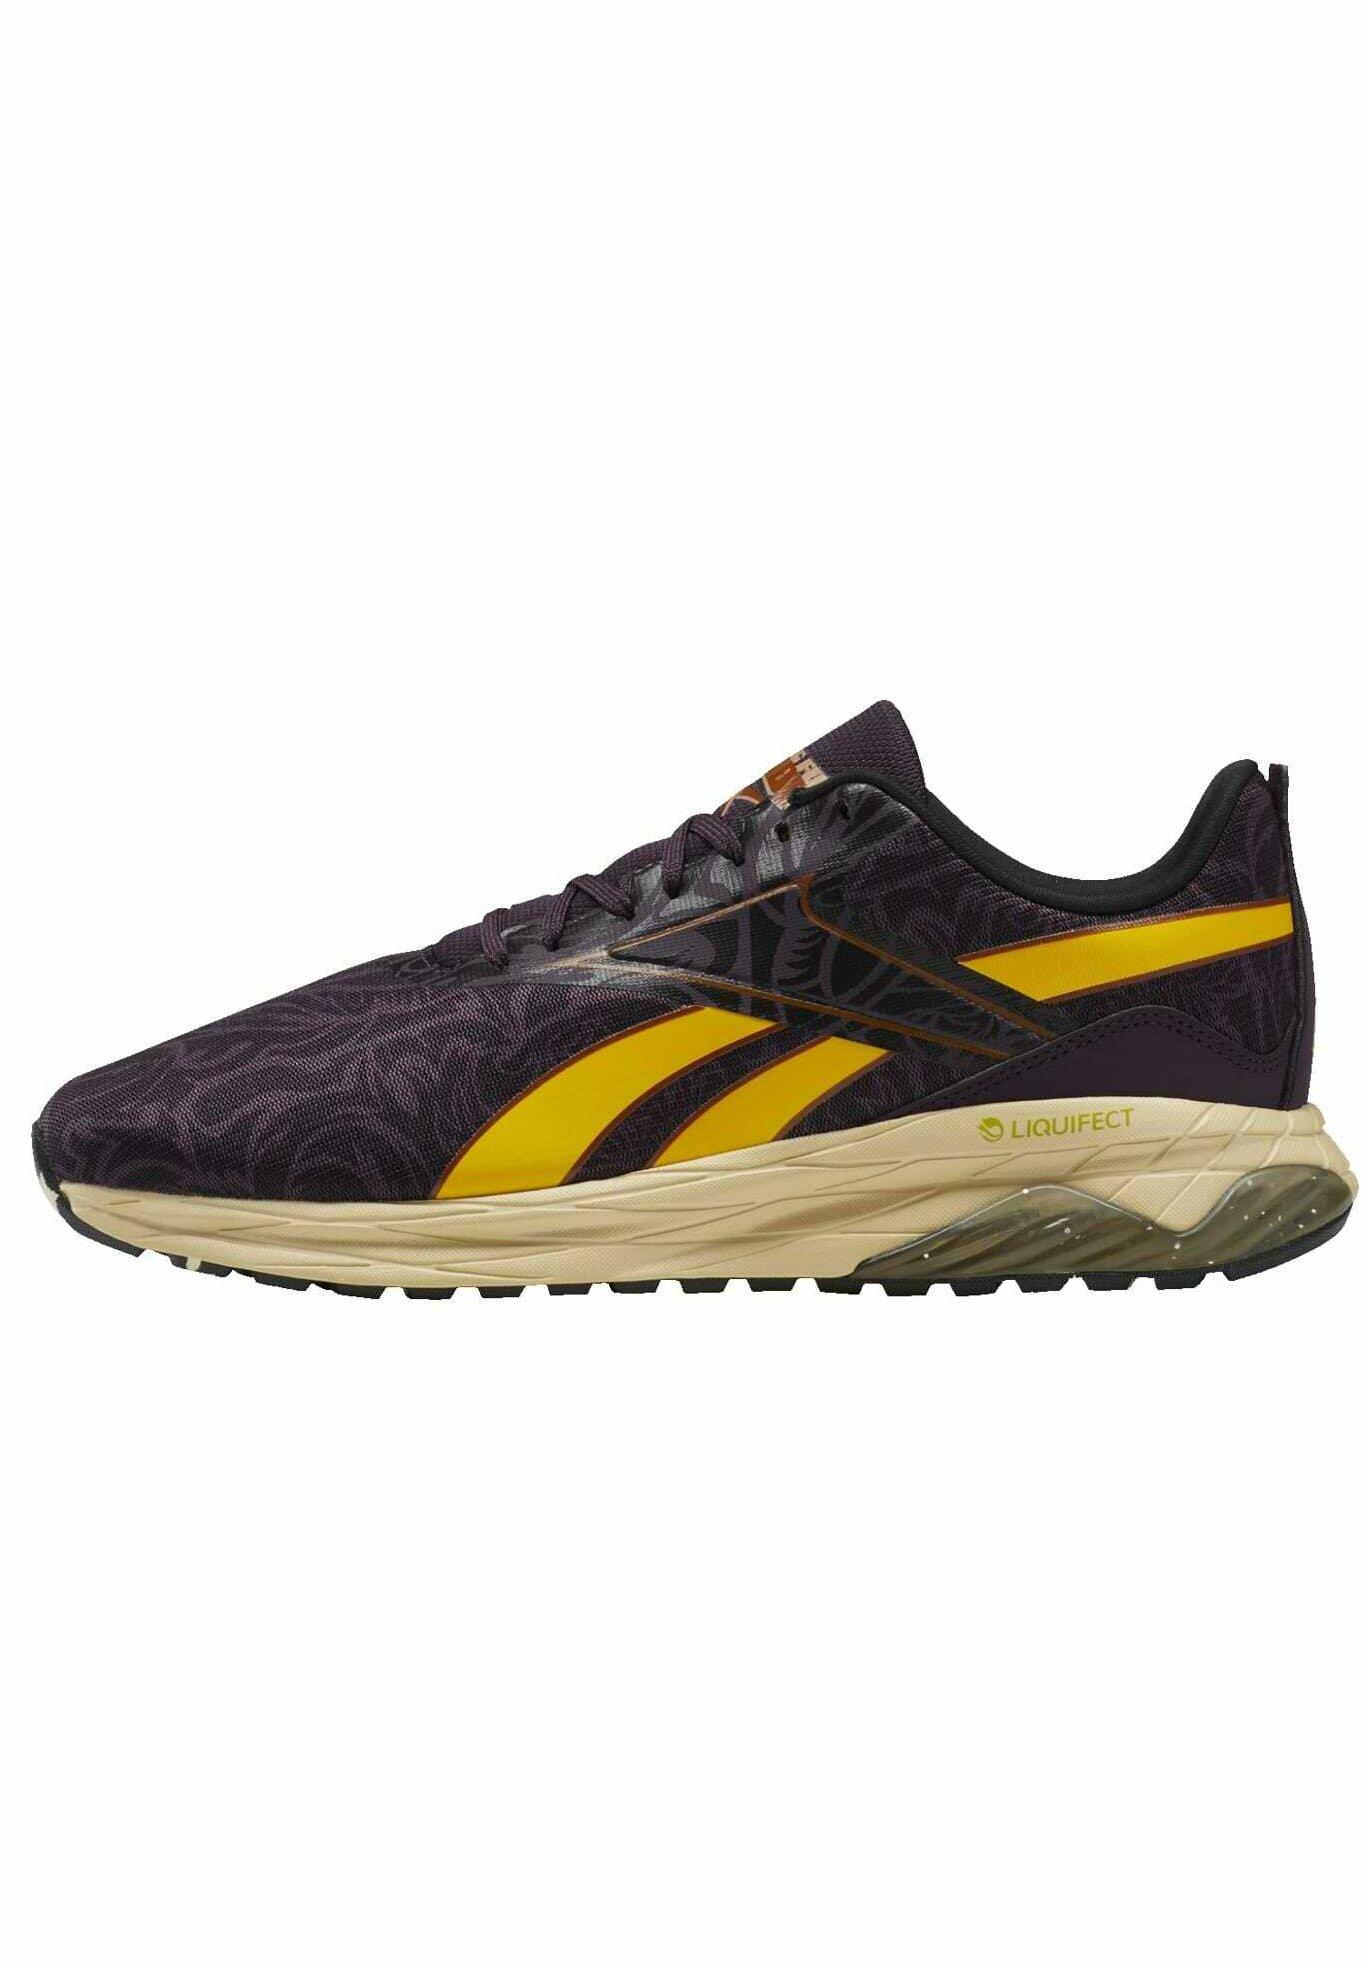 Women LIQUIFECT 180 2.0 VIZTECH - Stabilty running shoes